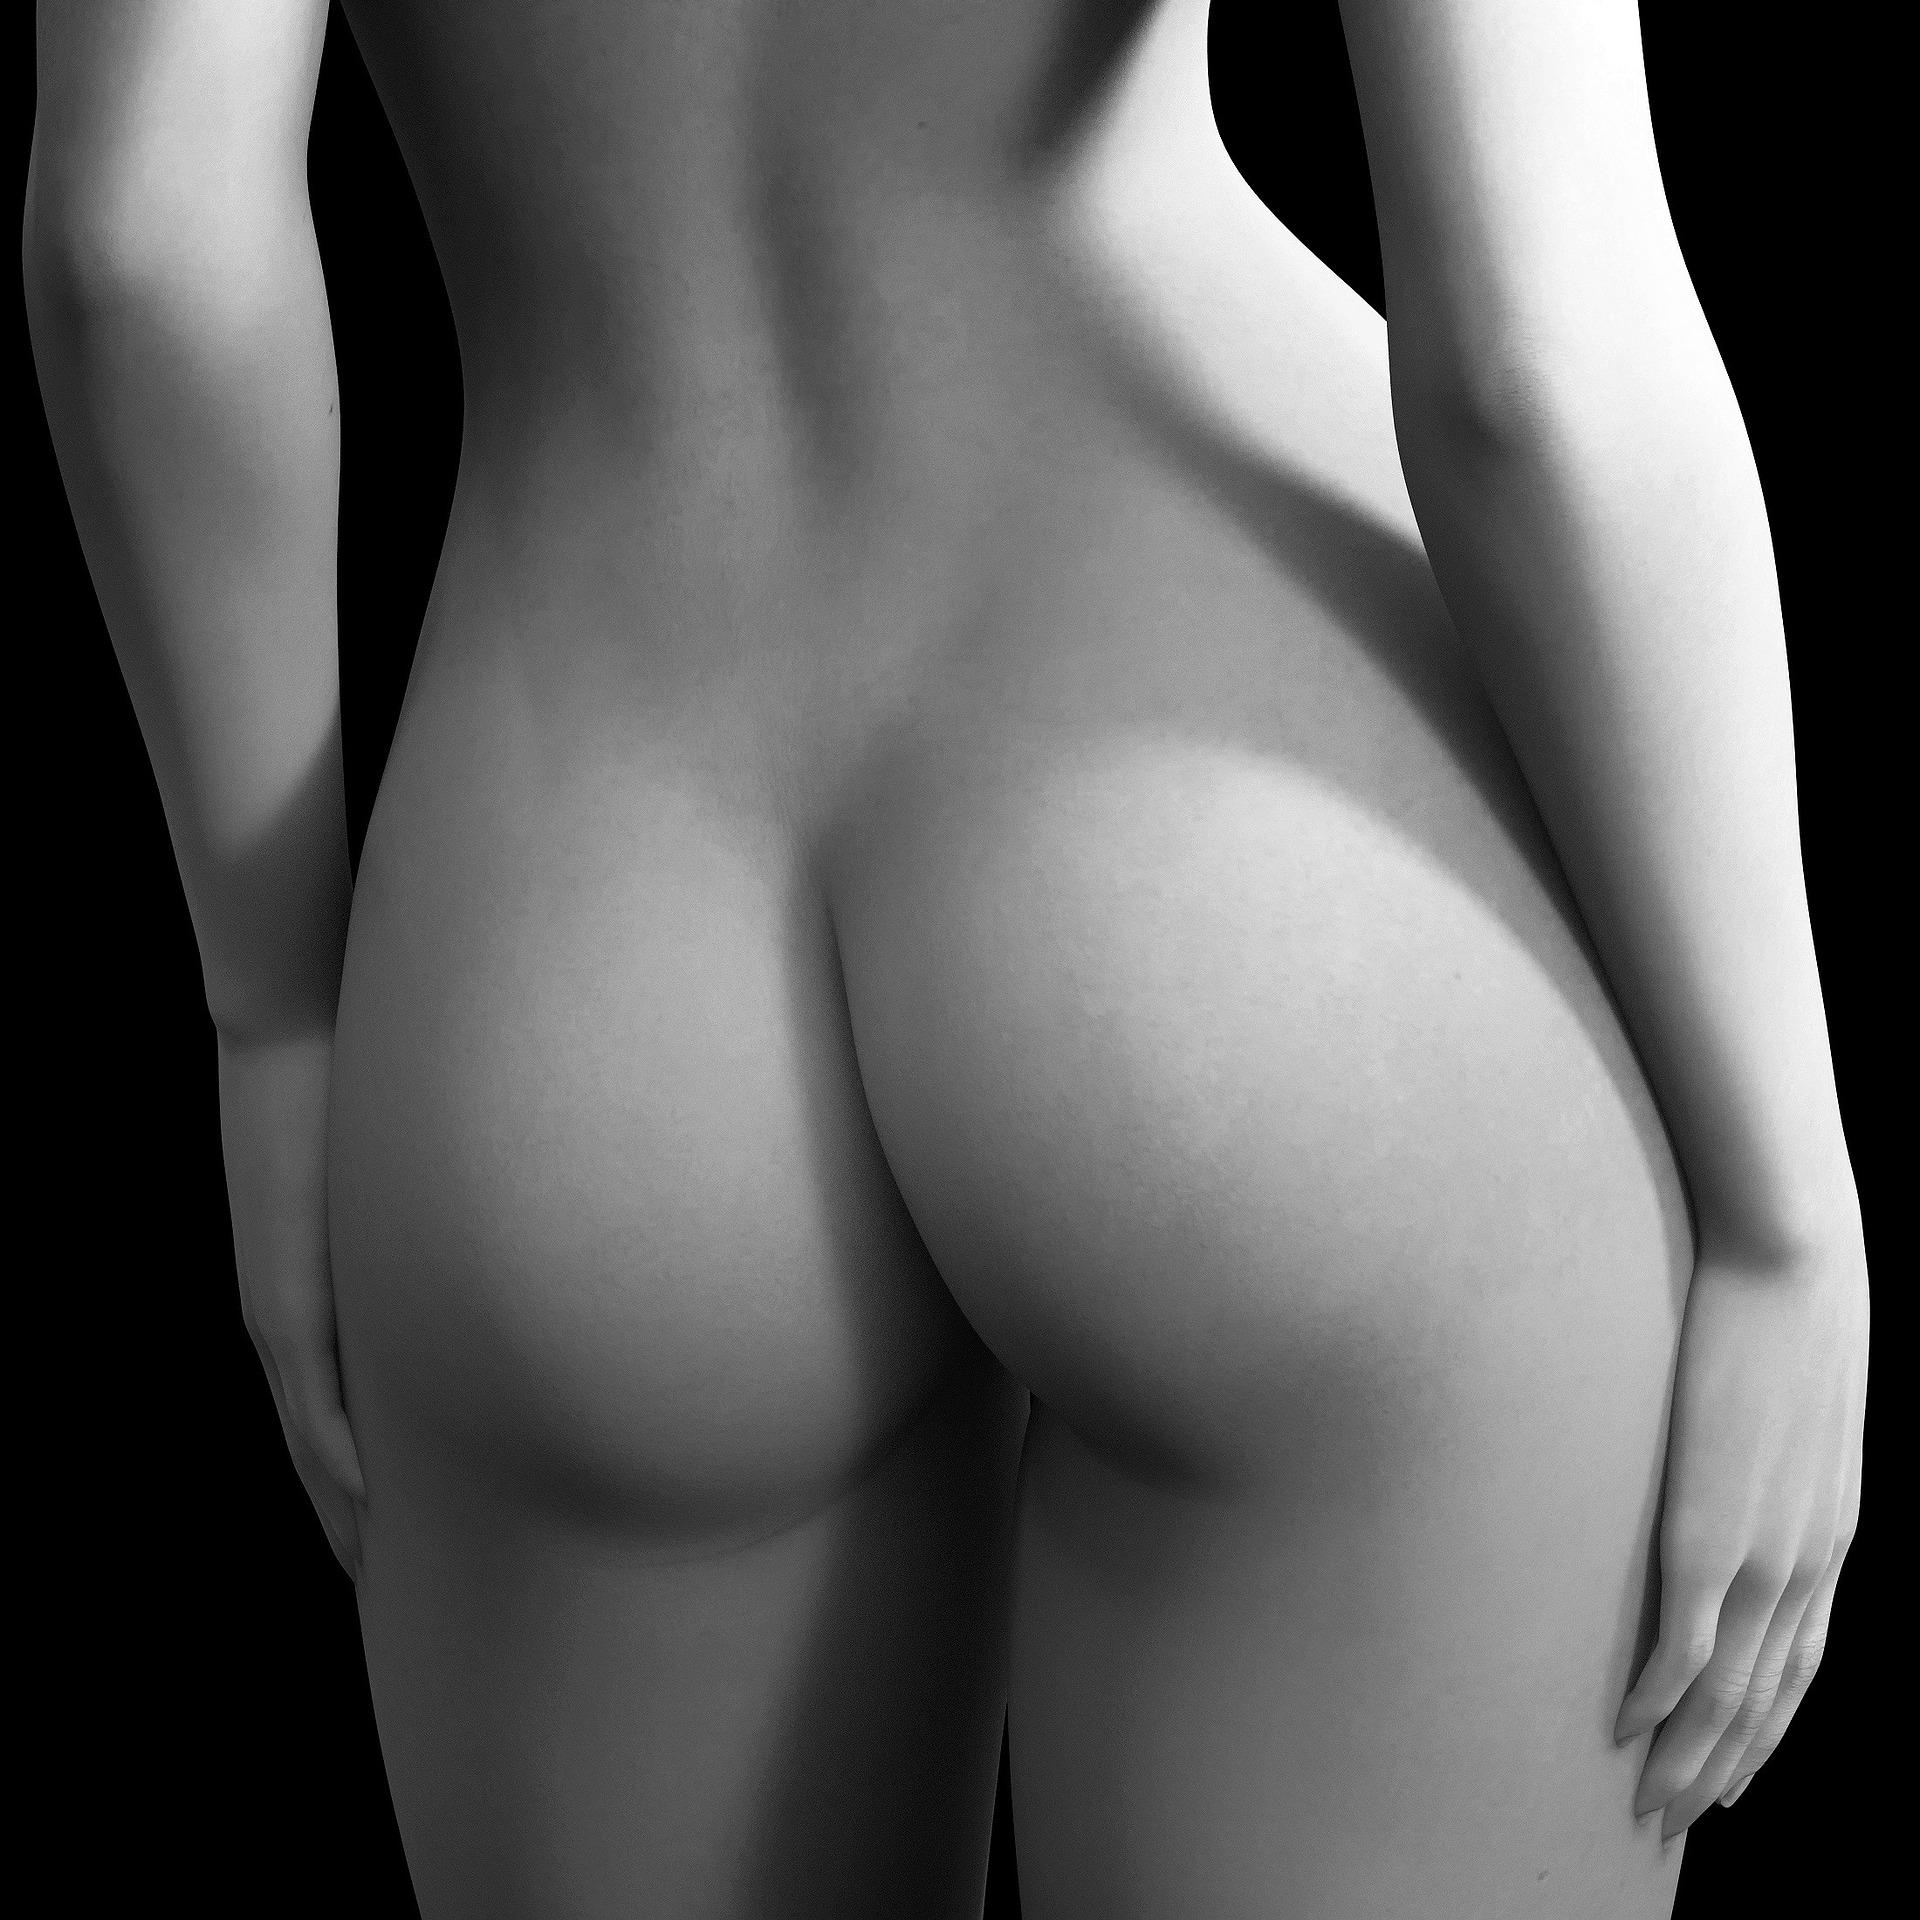 handling-kvinde-noegen-hud-sort